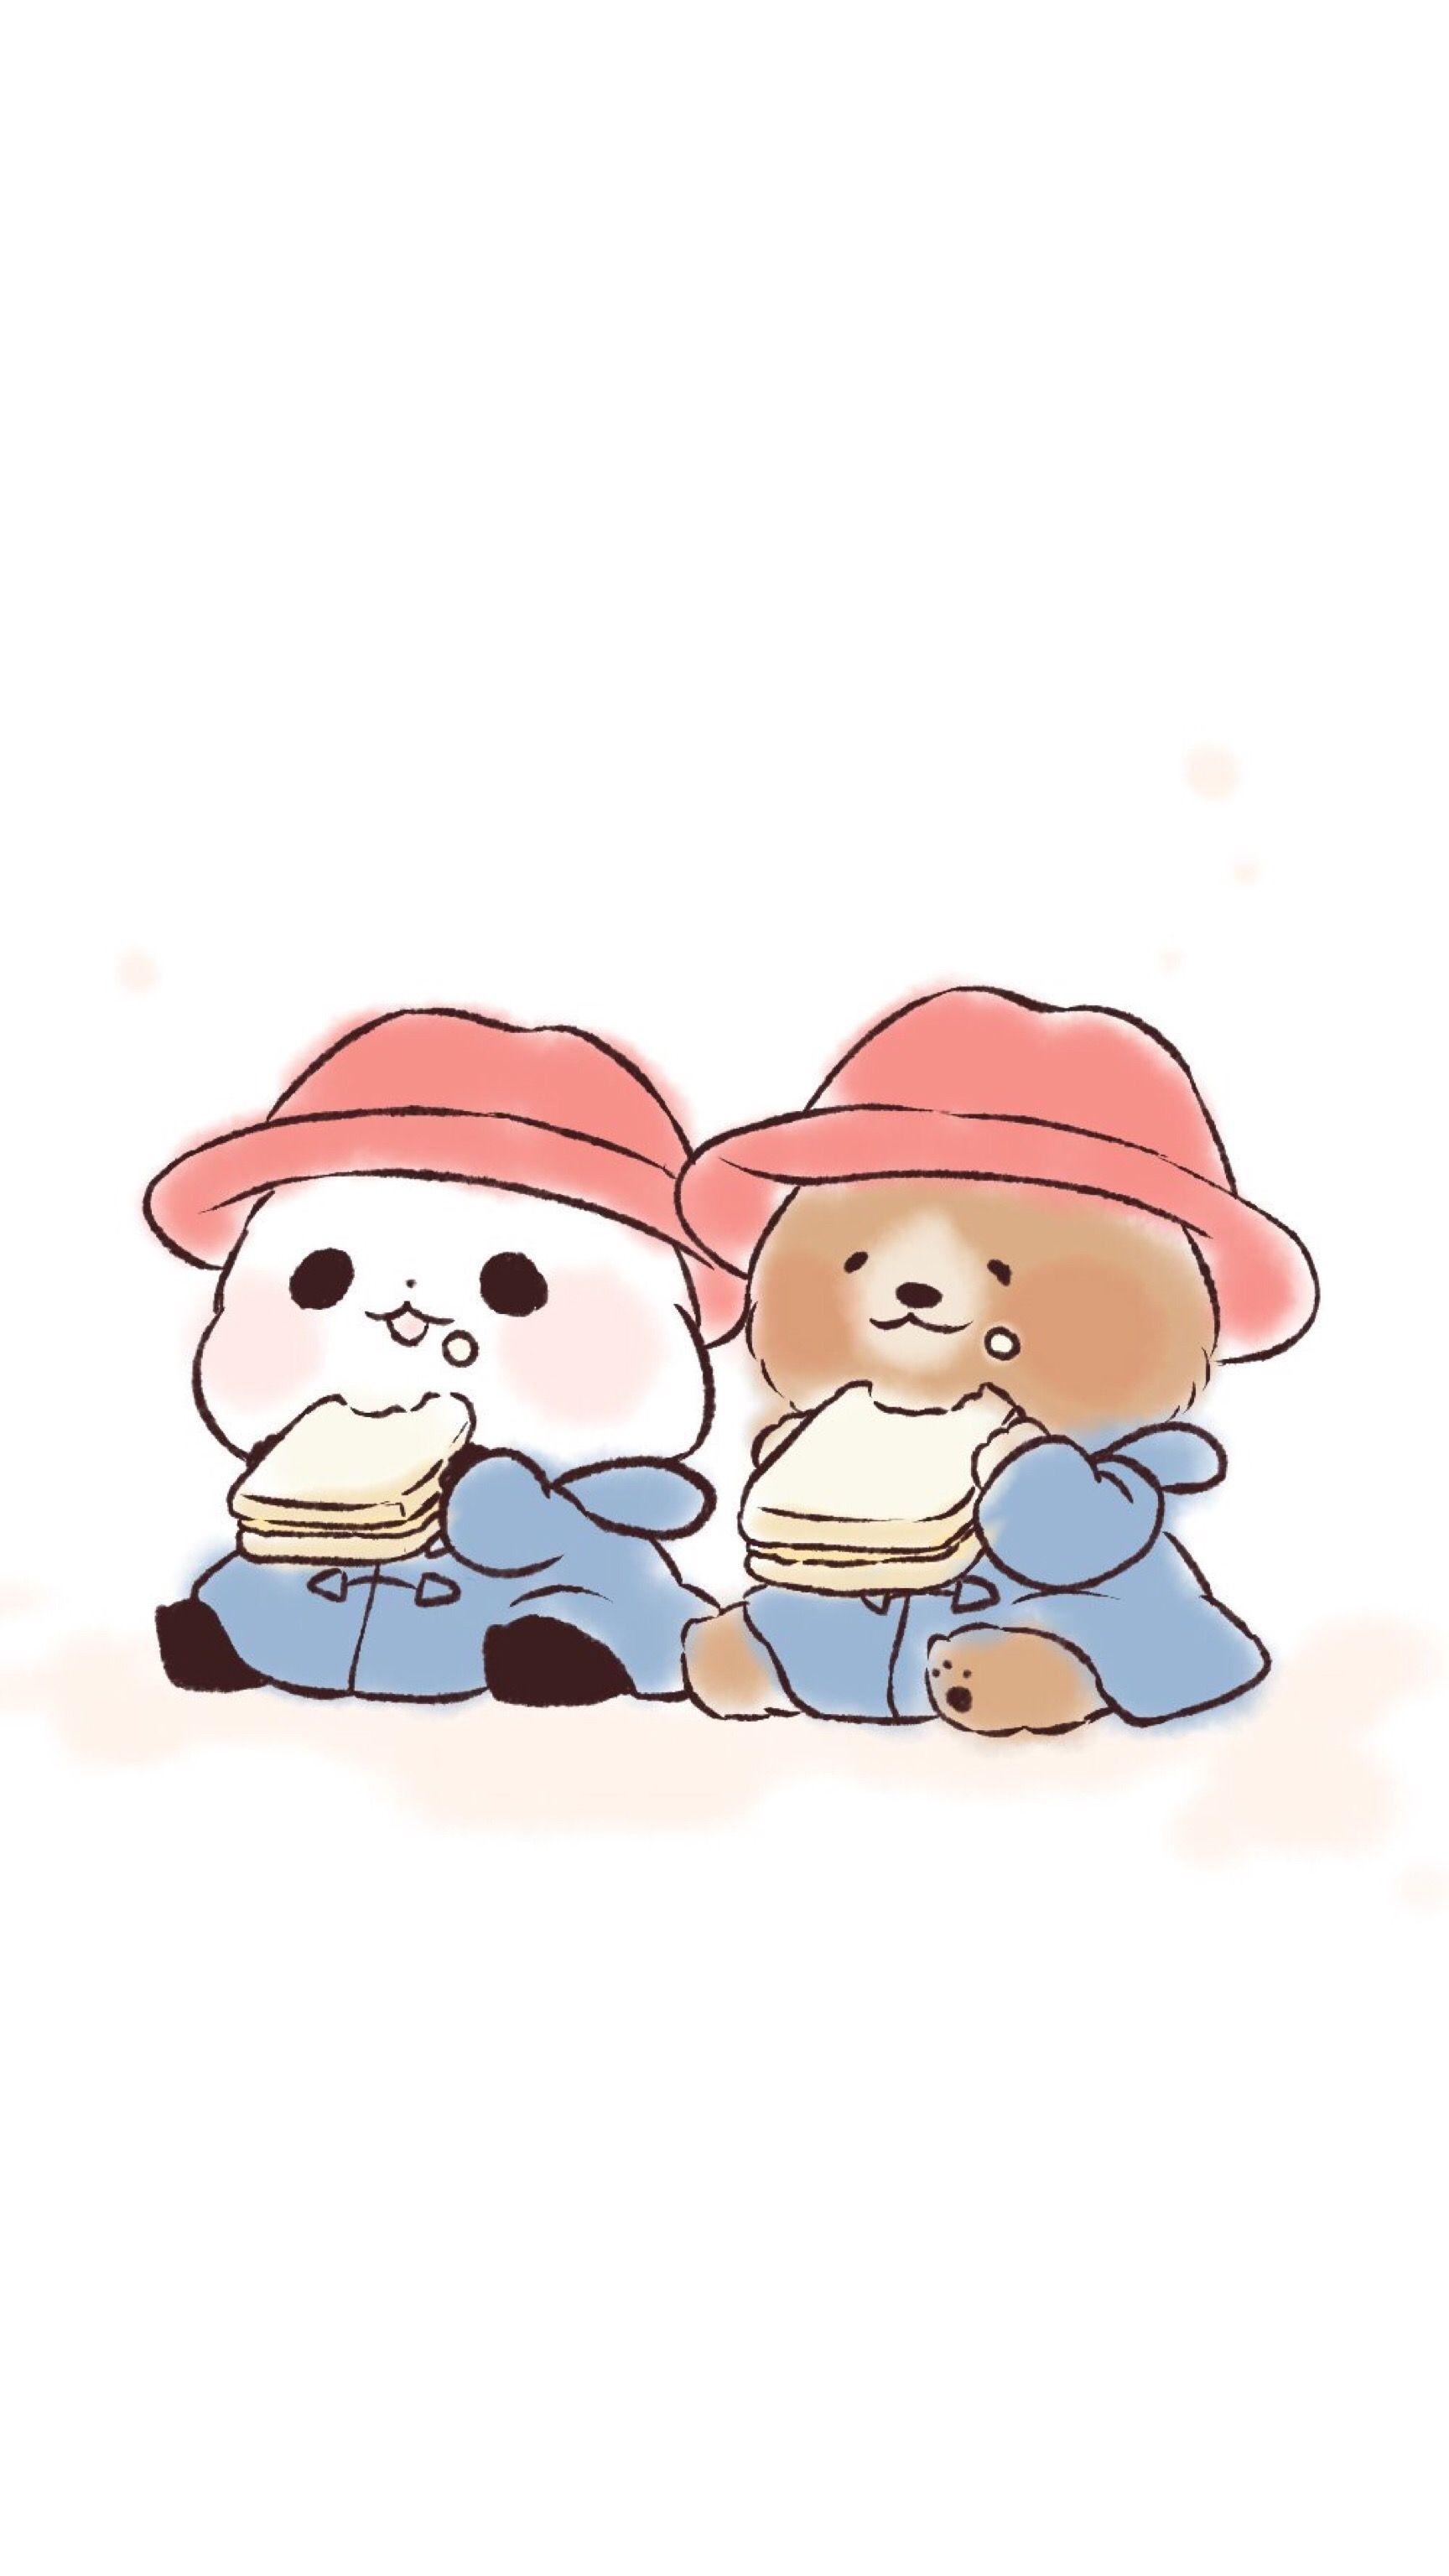 Yururinpanda Panda Pandawallpaper Wallpaper Chibi Cartoon Design Cute Wallpapers